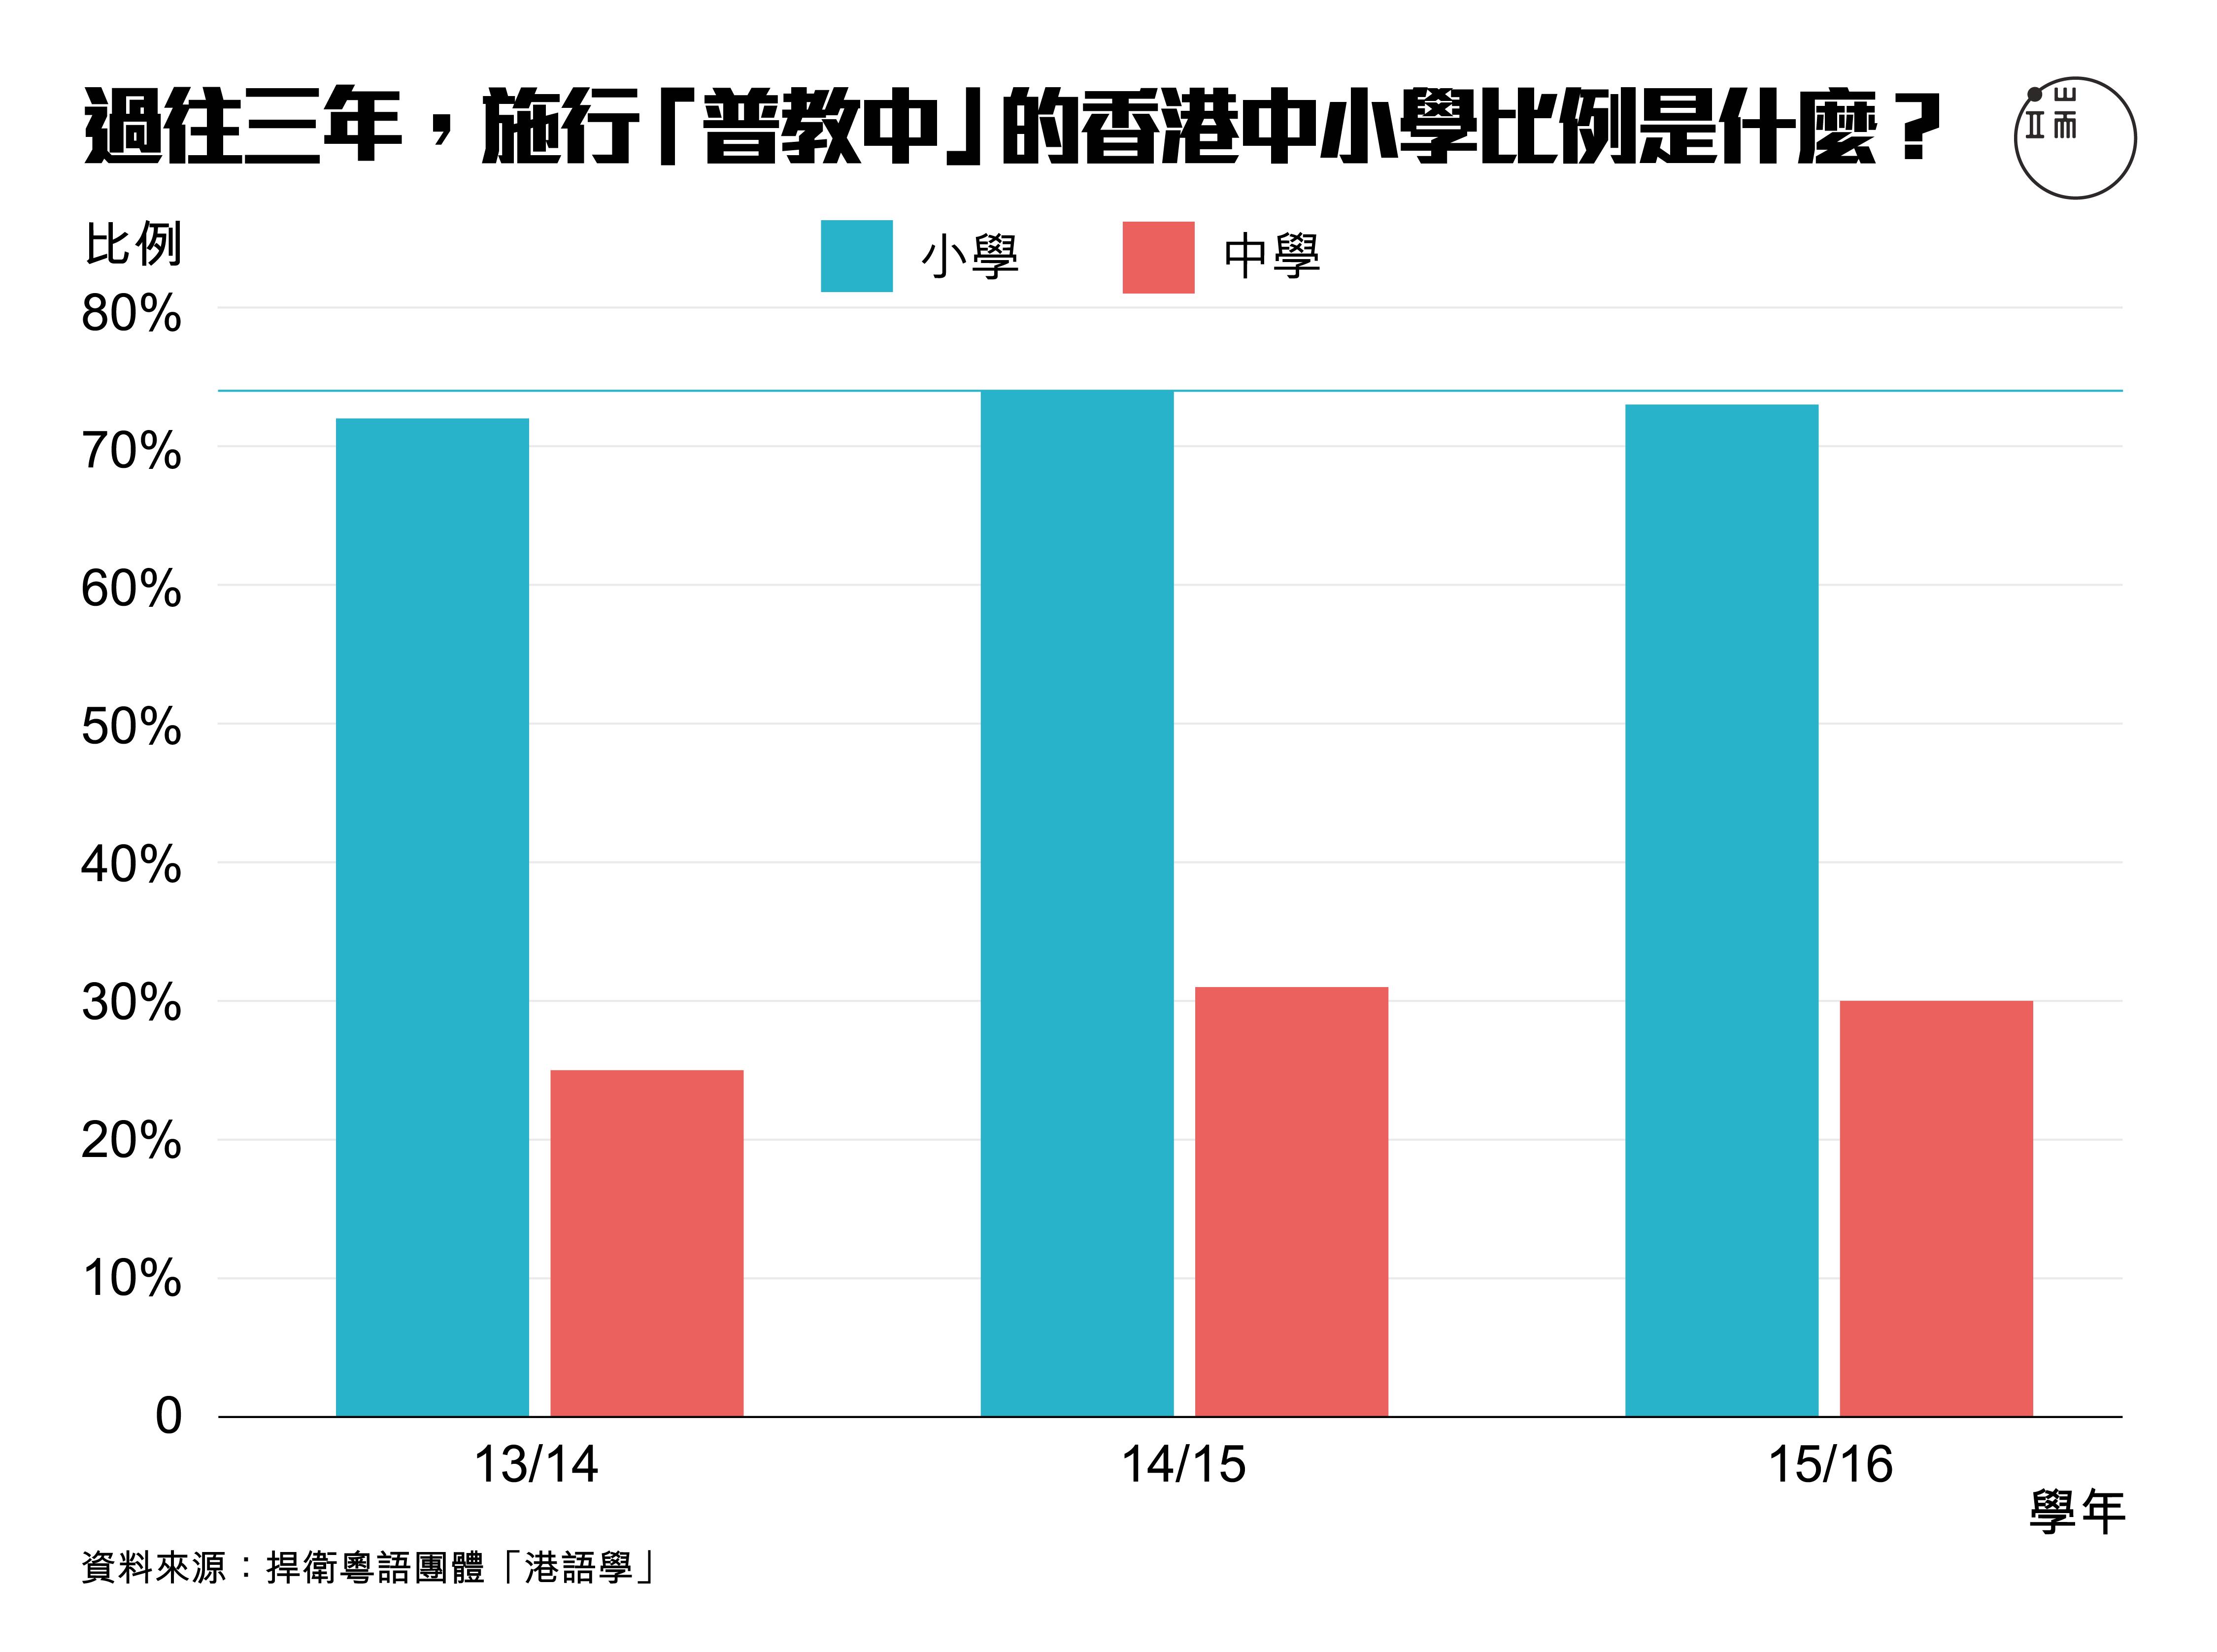 過往三年,施行「普教中」的香港中小學比例是什麼?